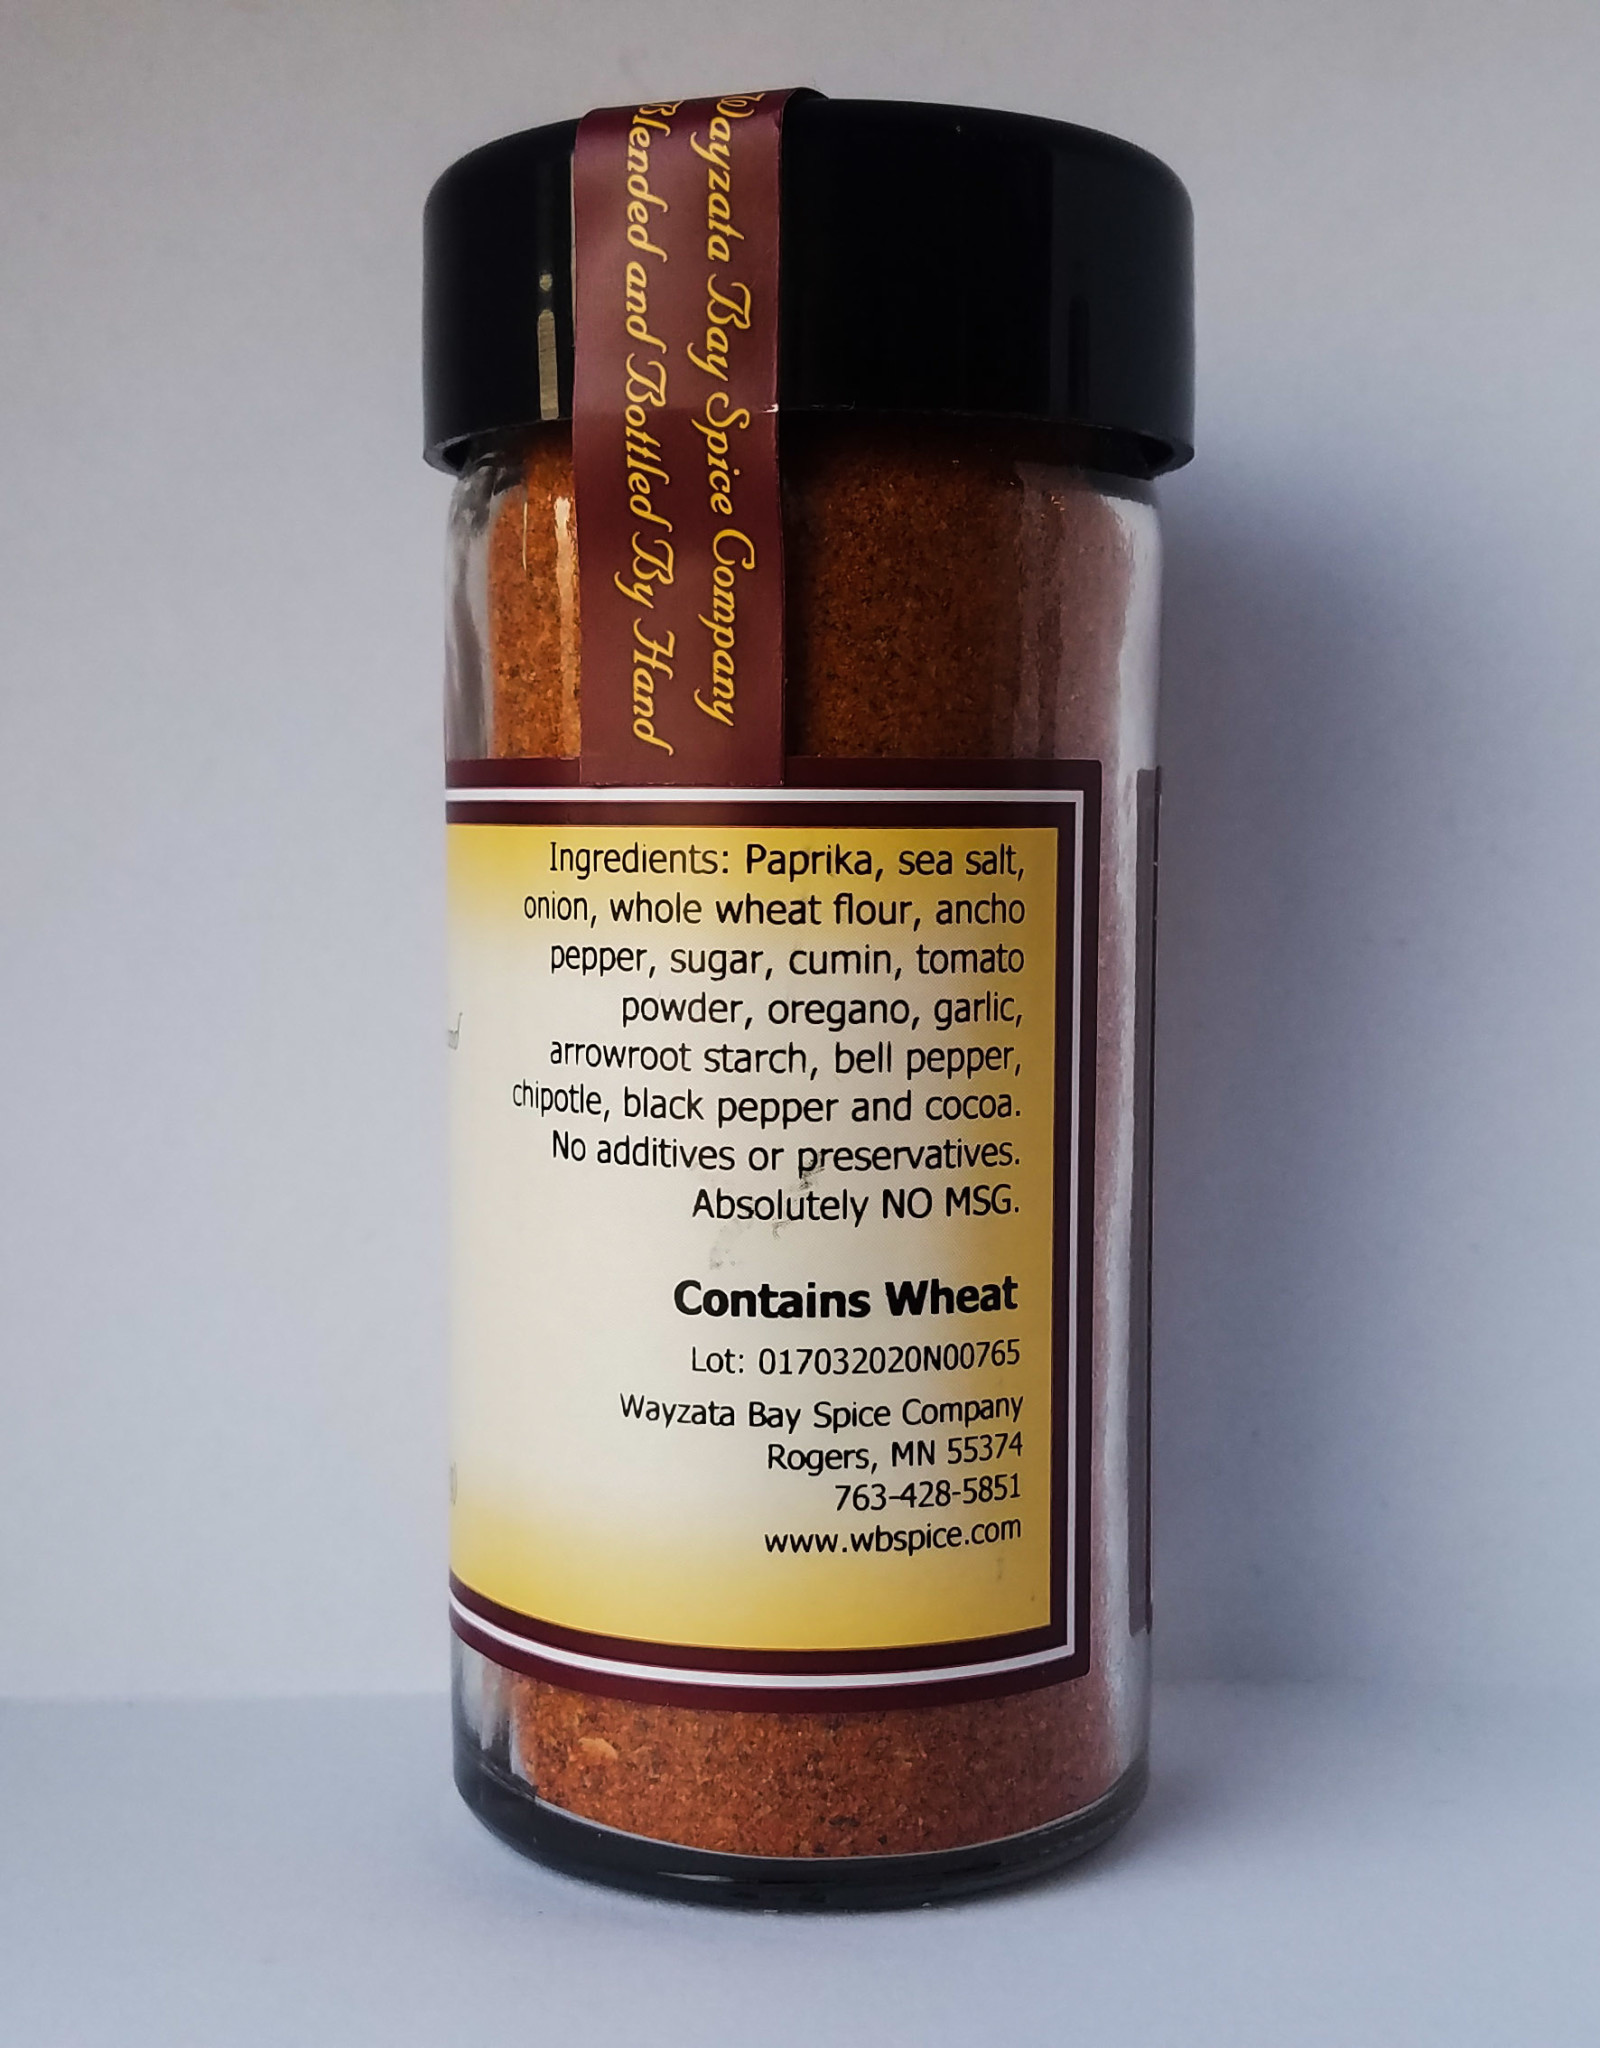 Wayzata Bay Spice Co. Taco Seasoning